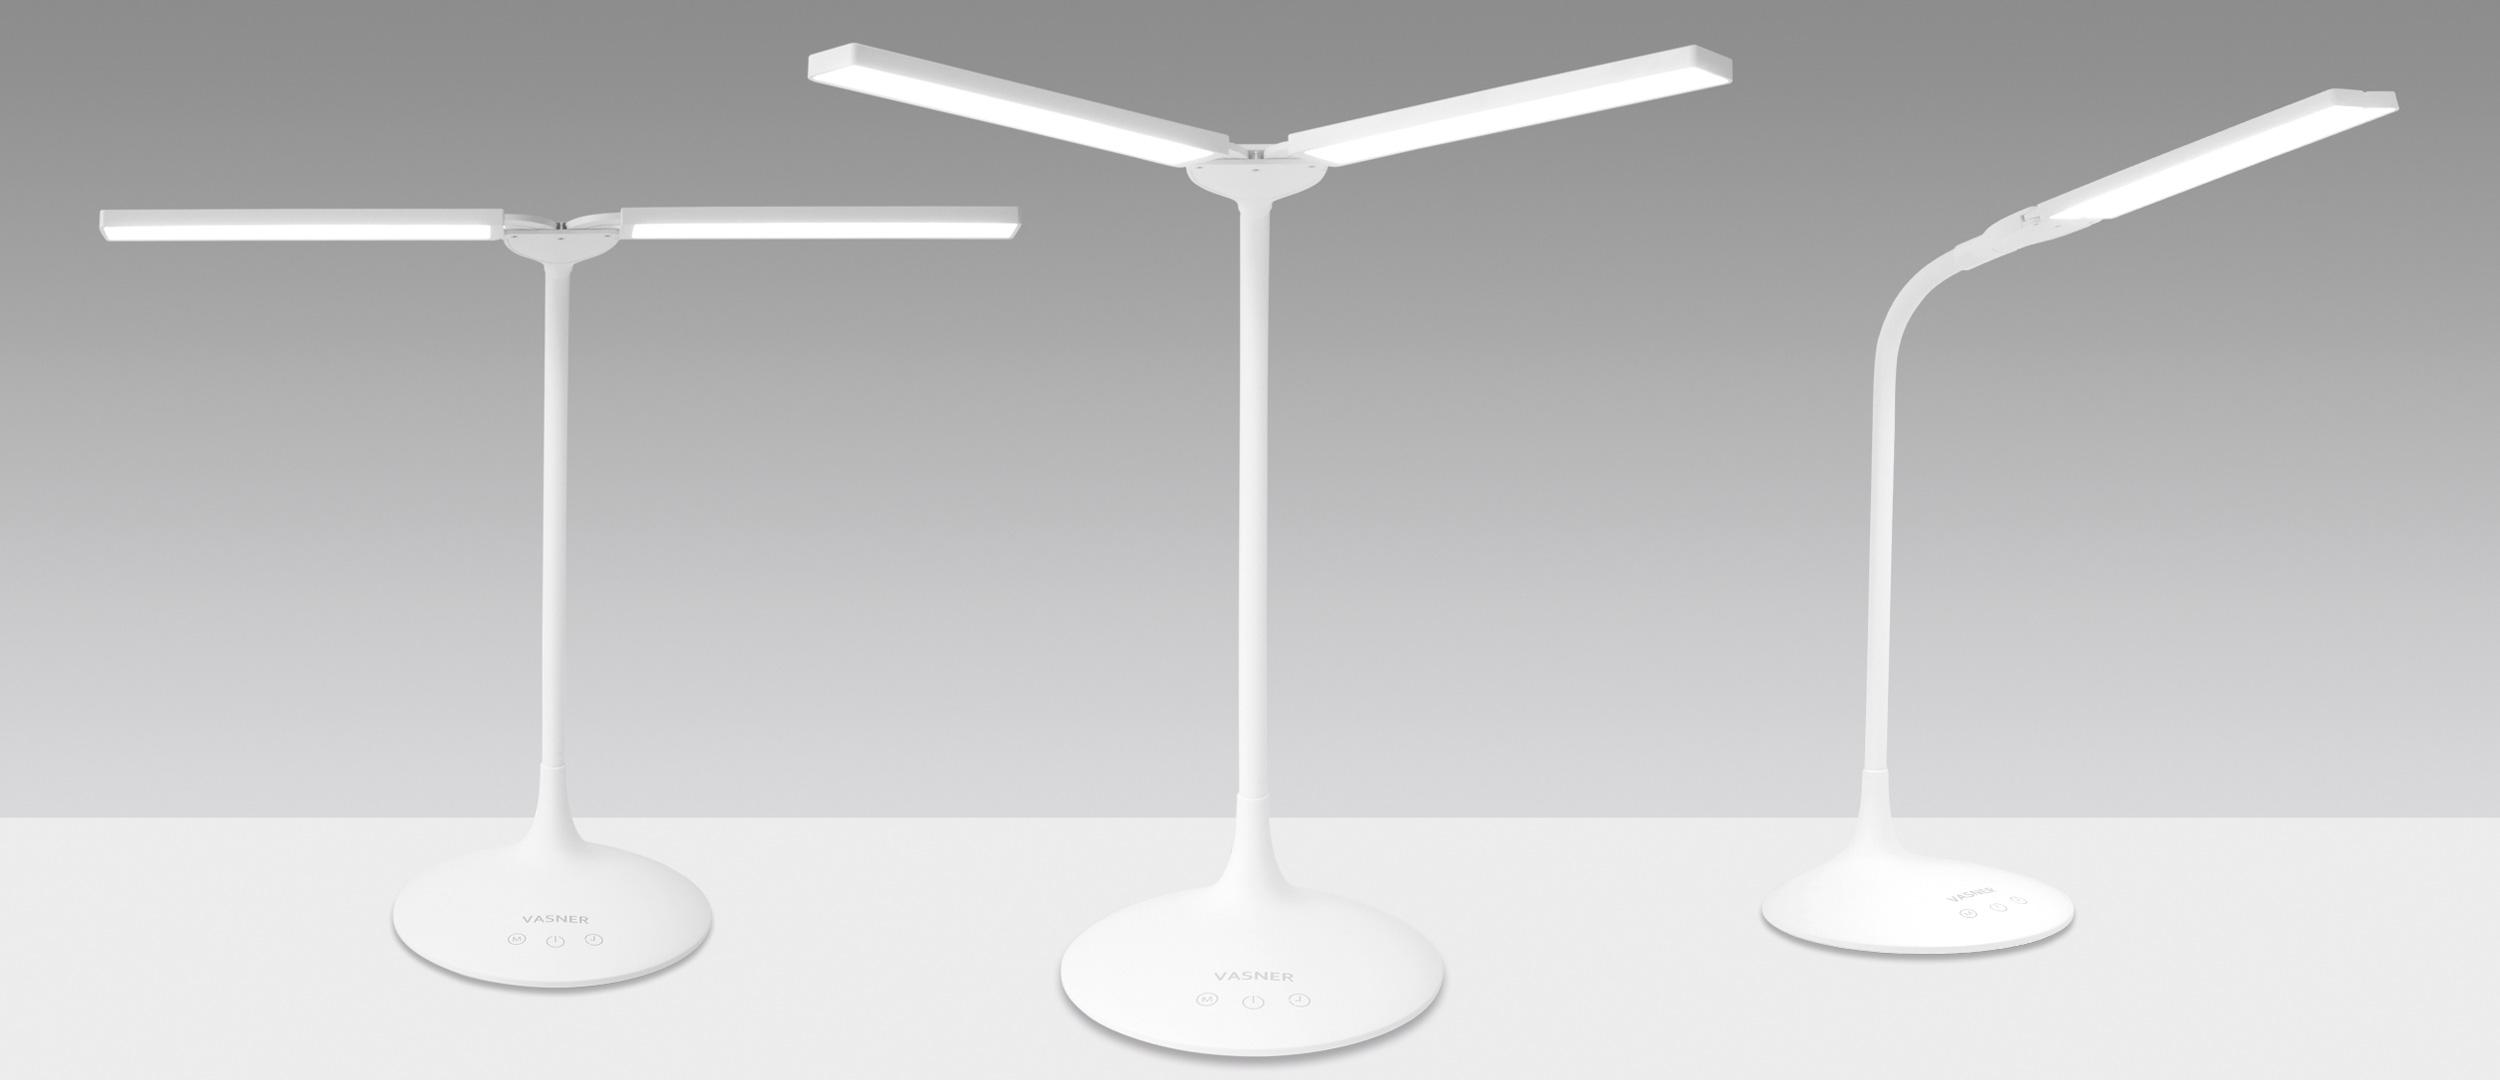 VASNER Tischleuchten Kategorien Schreibtischlampen & Nachttischlampen